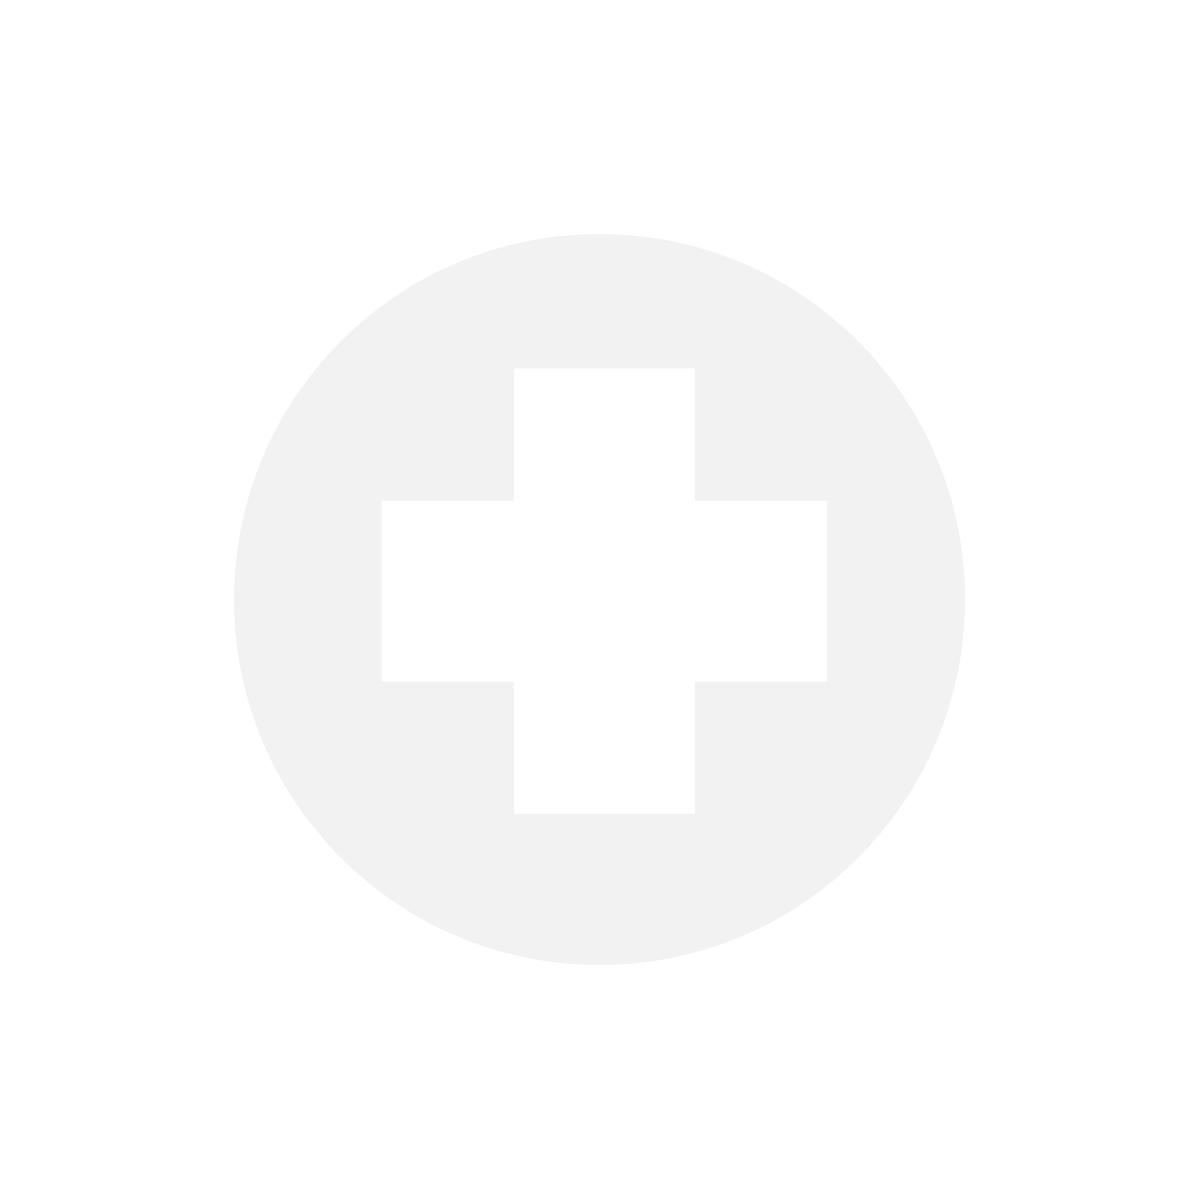 Gants vinyle non stériles non poudrés